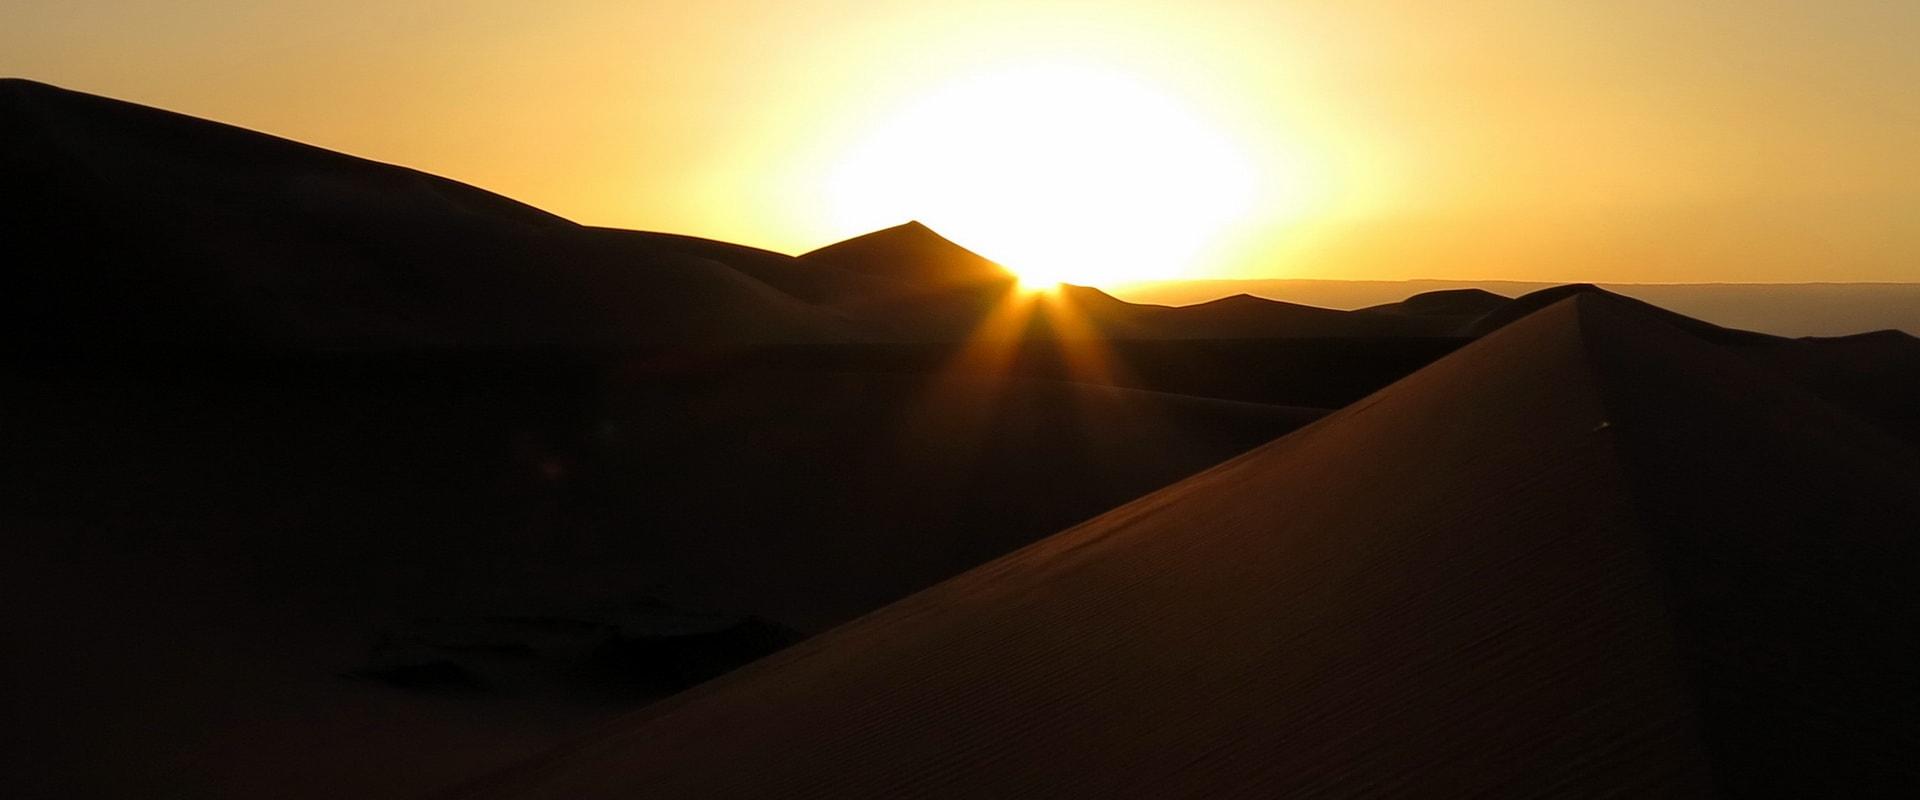 Voyages Expeditions Maroc - programmes 12 jours dans le sud marocain et dans latlas